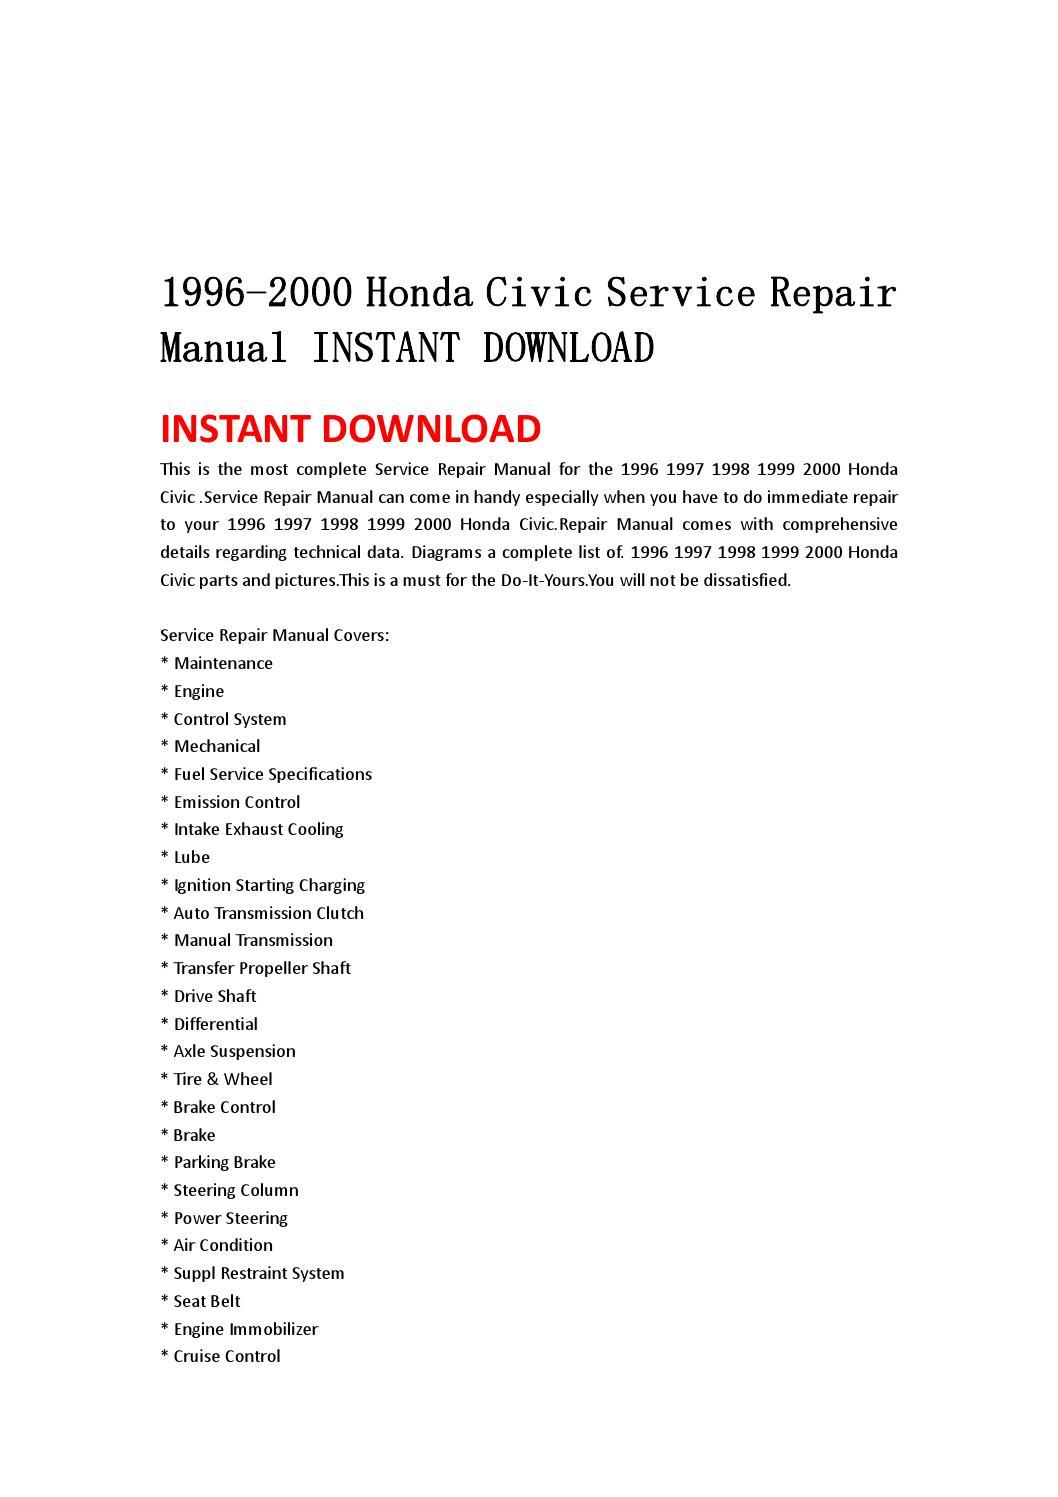 1996 2000 Honda Civic Service Repair Manual Instant